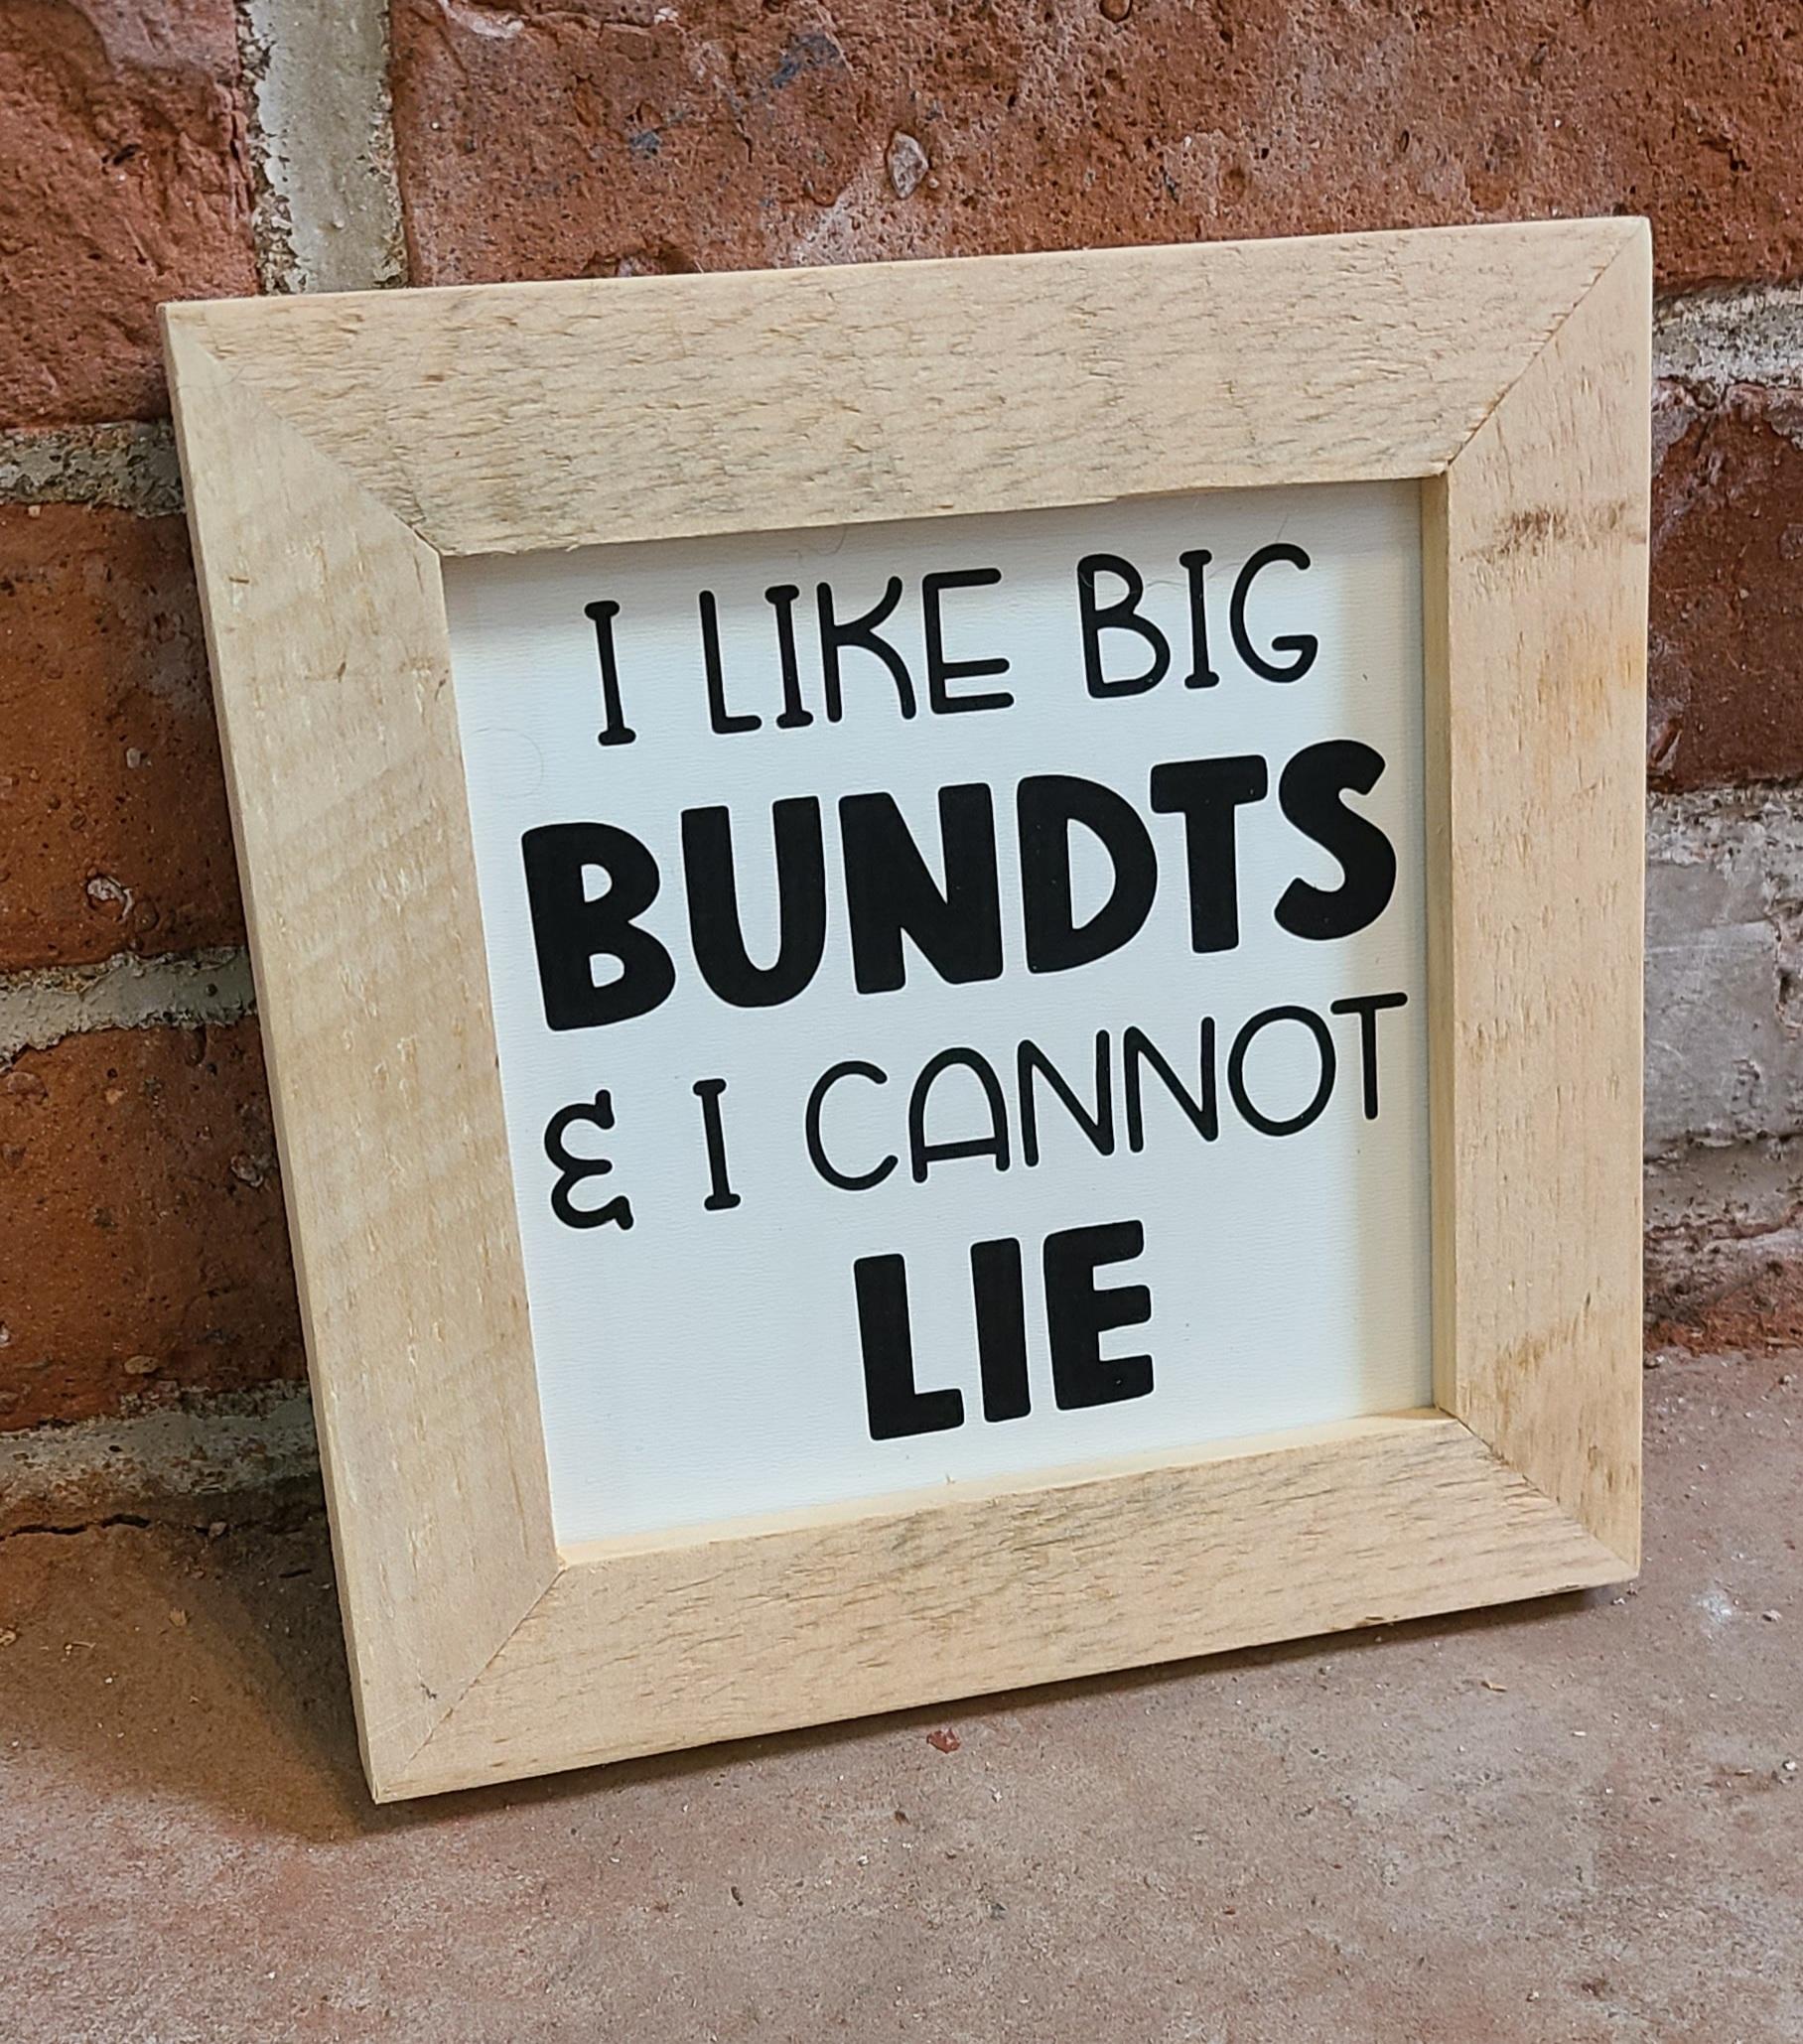 I like big bundts decorative sign